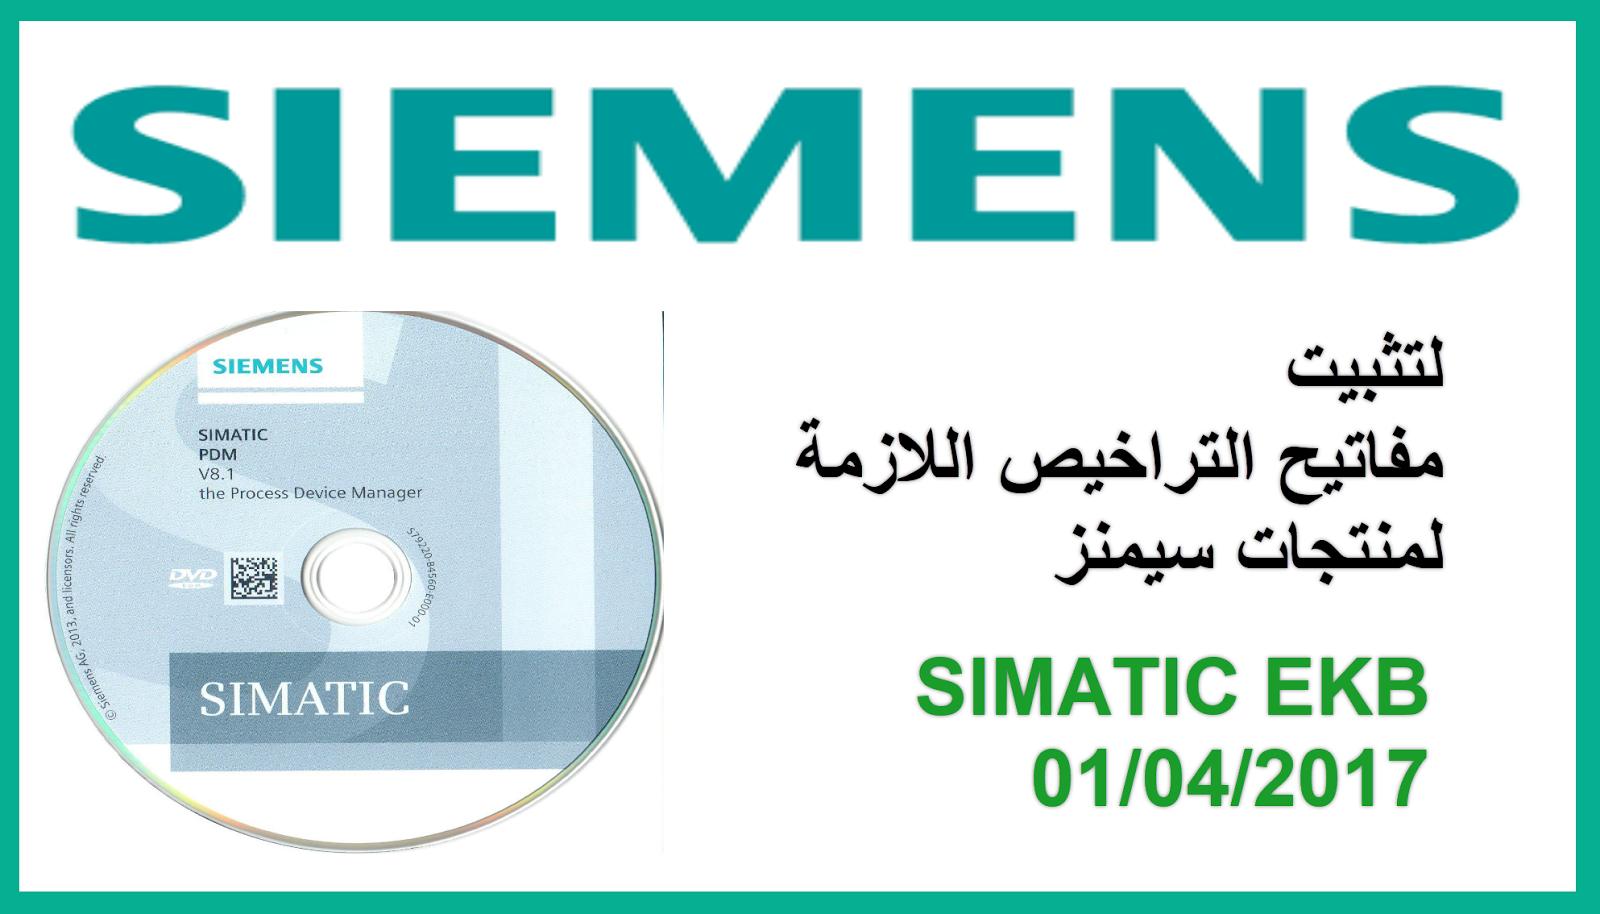 موسوعة تاك: شرح وتحميل برنامج SIMATIC EKB أخر إصدار للتثبيت